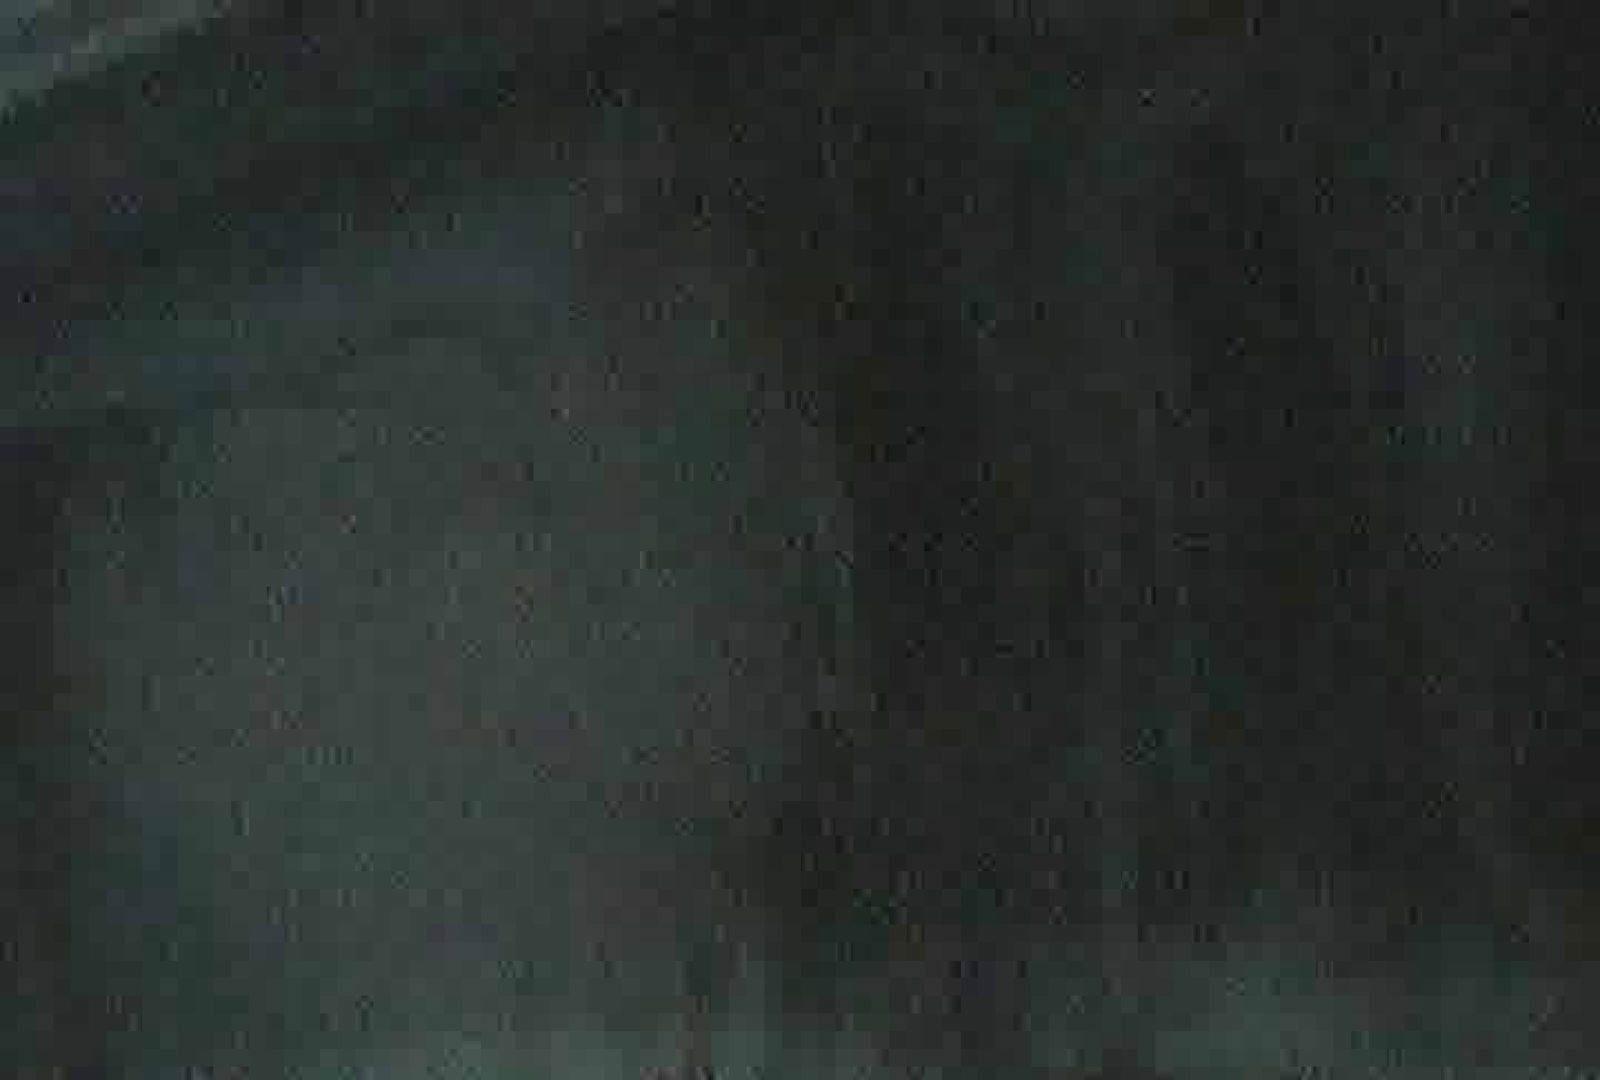 充血監督の深夜の運動会Vol.73 エロティックなOL  86画像 24